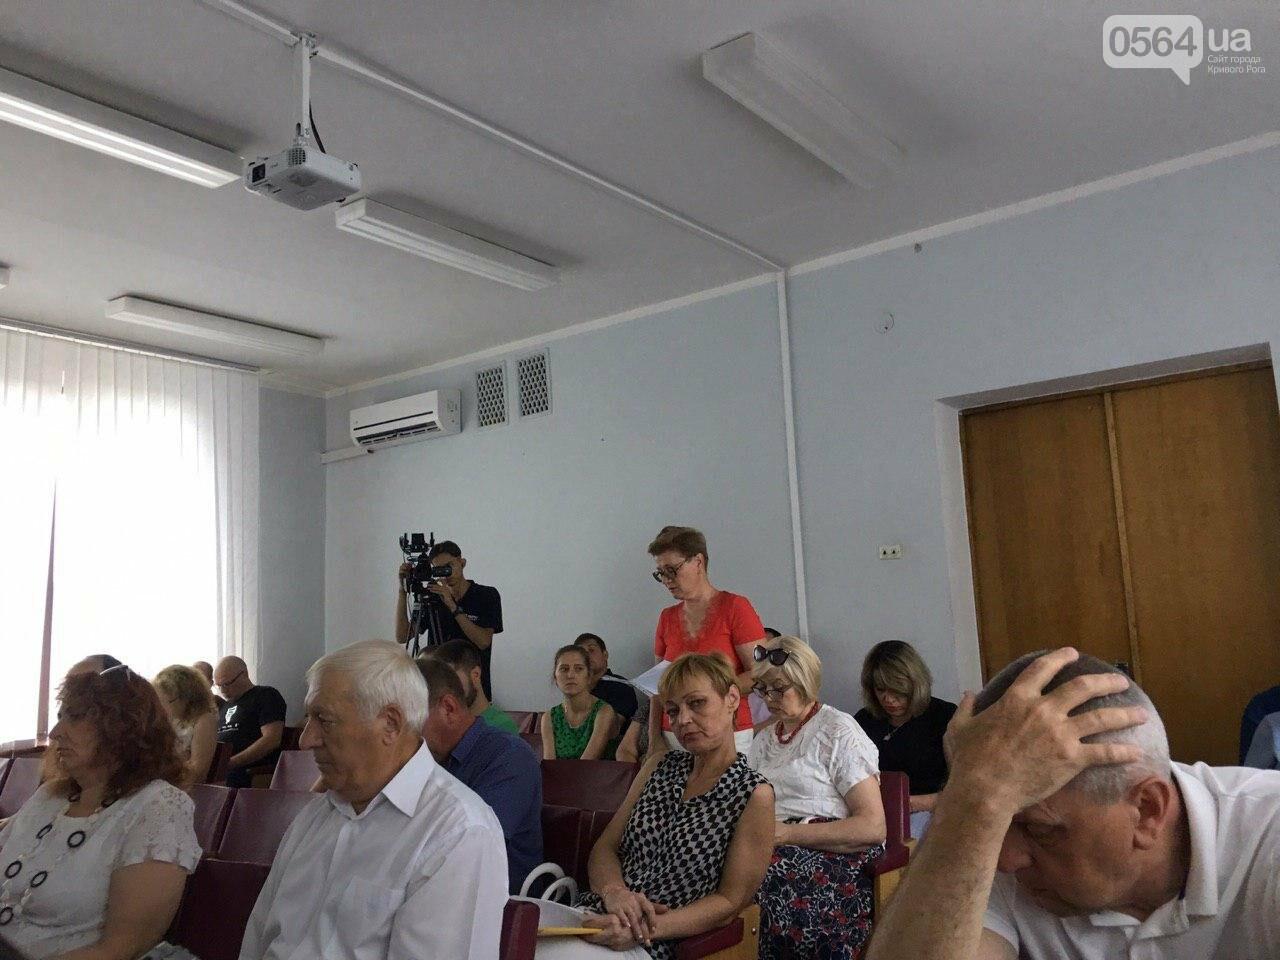 Криворожское КП пытается подготовится к отопительному сезону, несмотря на долг в полмиллиарда, - ФОТО , фото-26